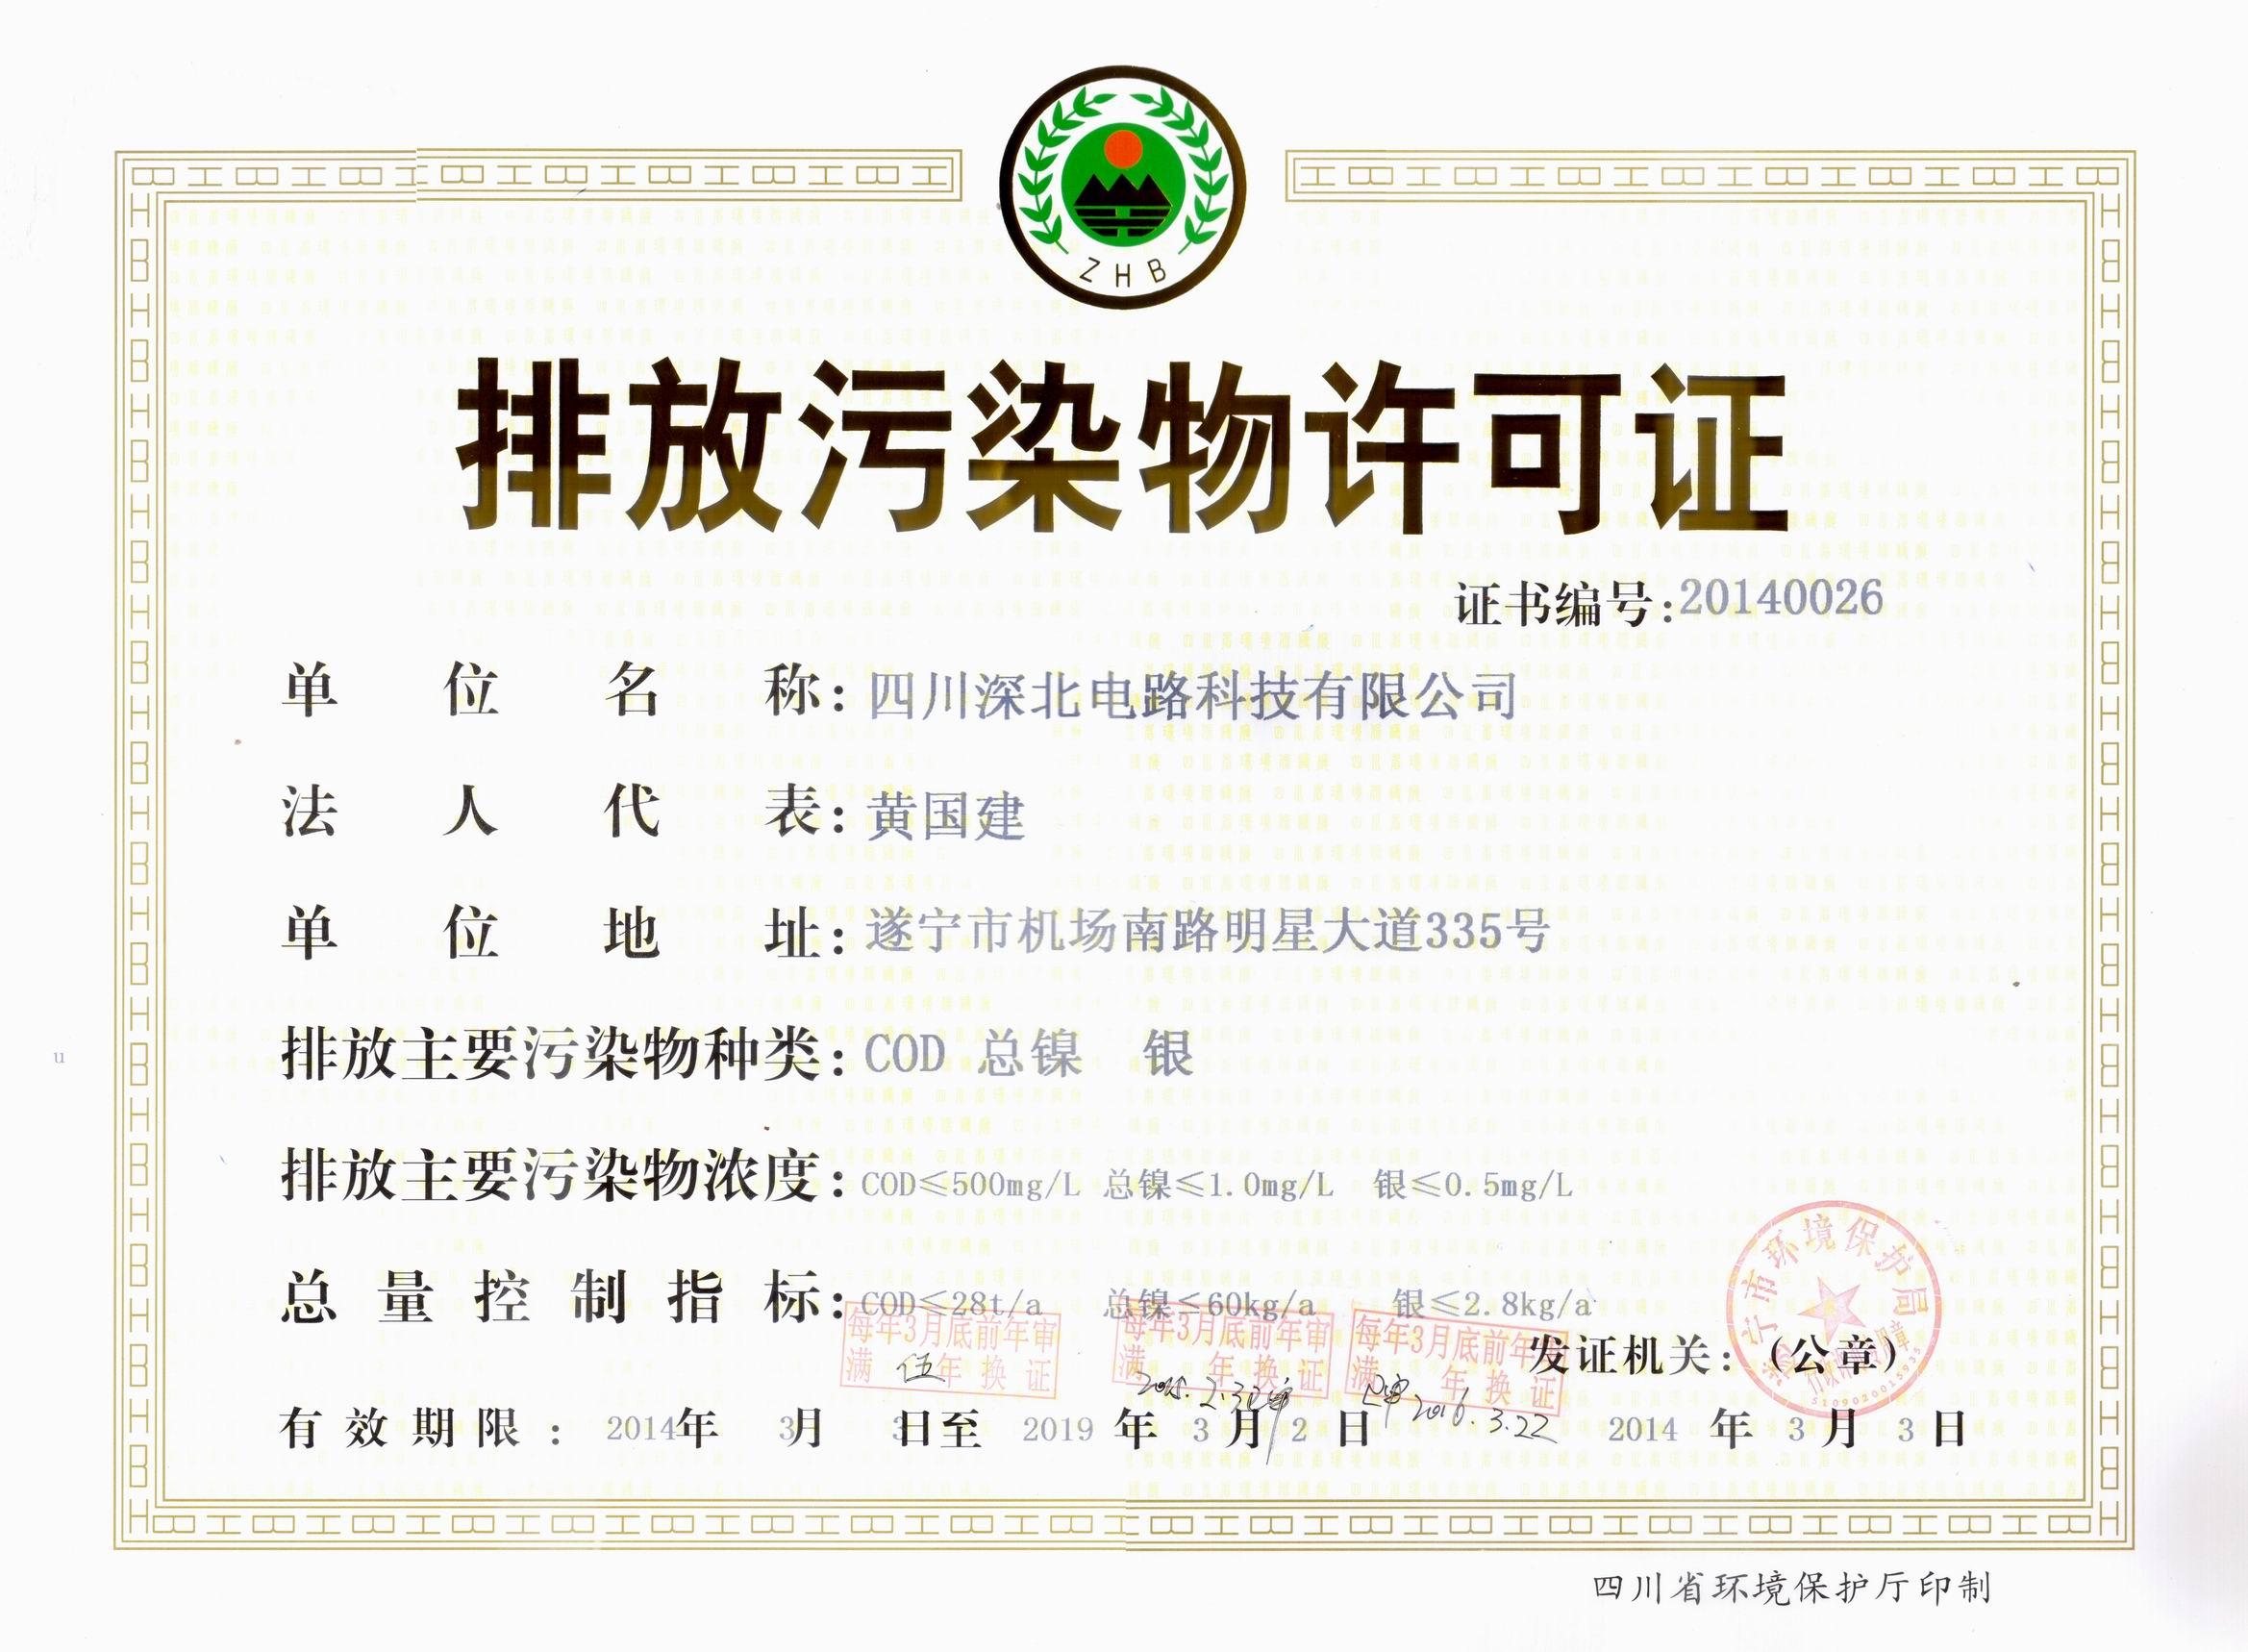 排污许可证正本(高分辨率)2.jpg